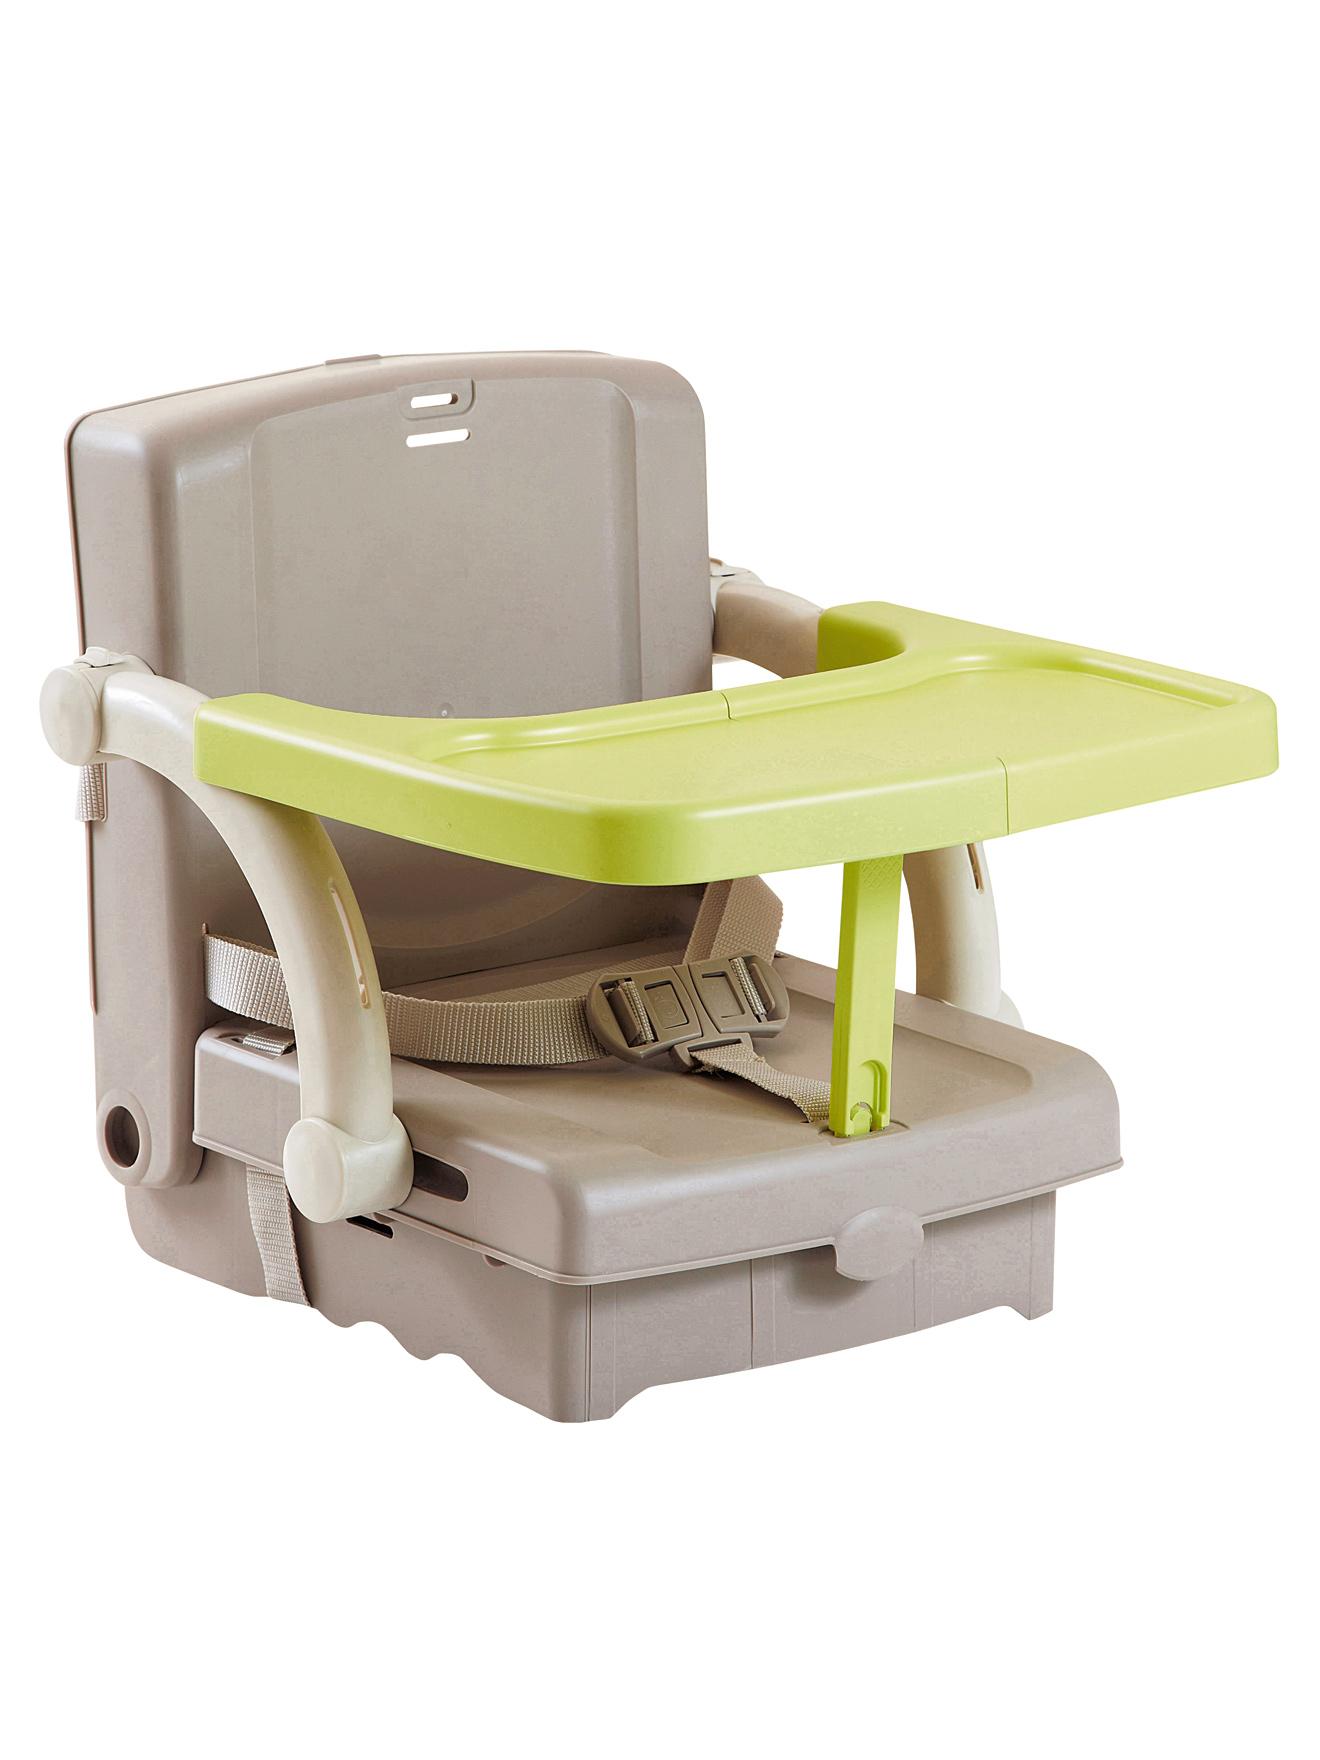 Chaise bb de voyage great chaise pour deco chambre fauteuil bureau massant awesome rsultat - Rehausseur de chaise voyage ...